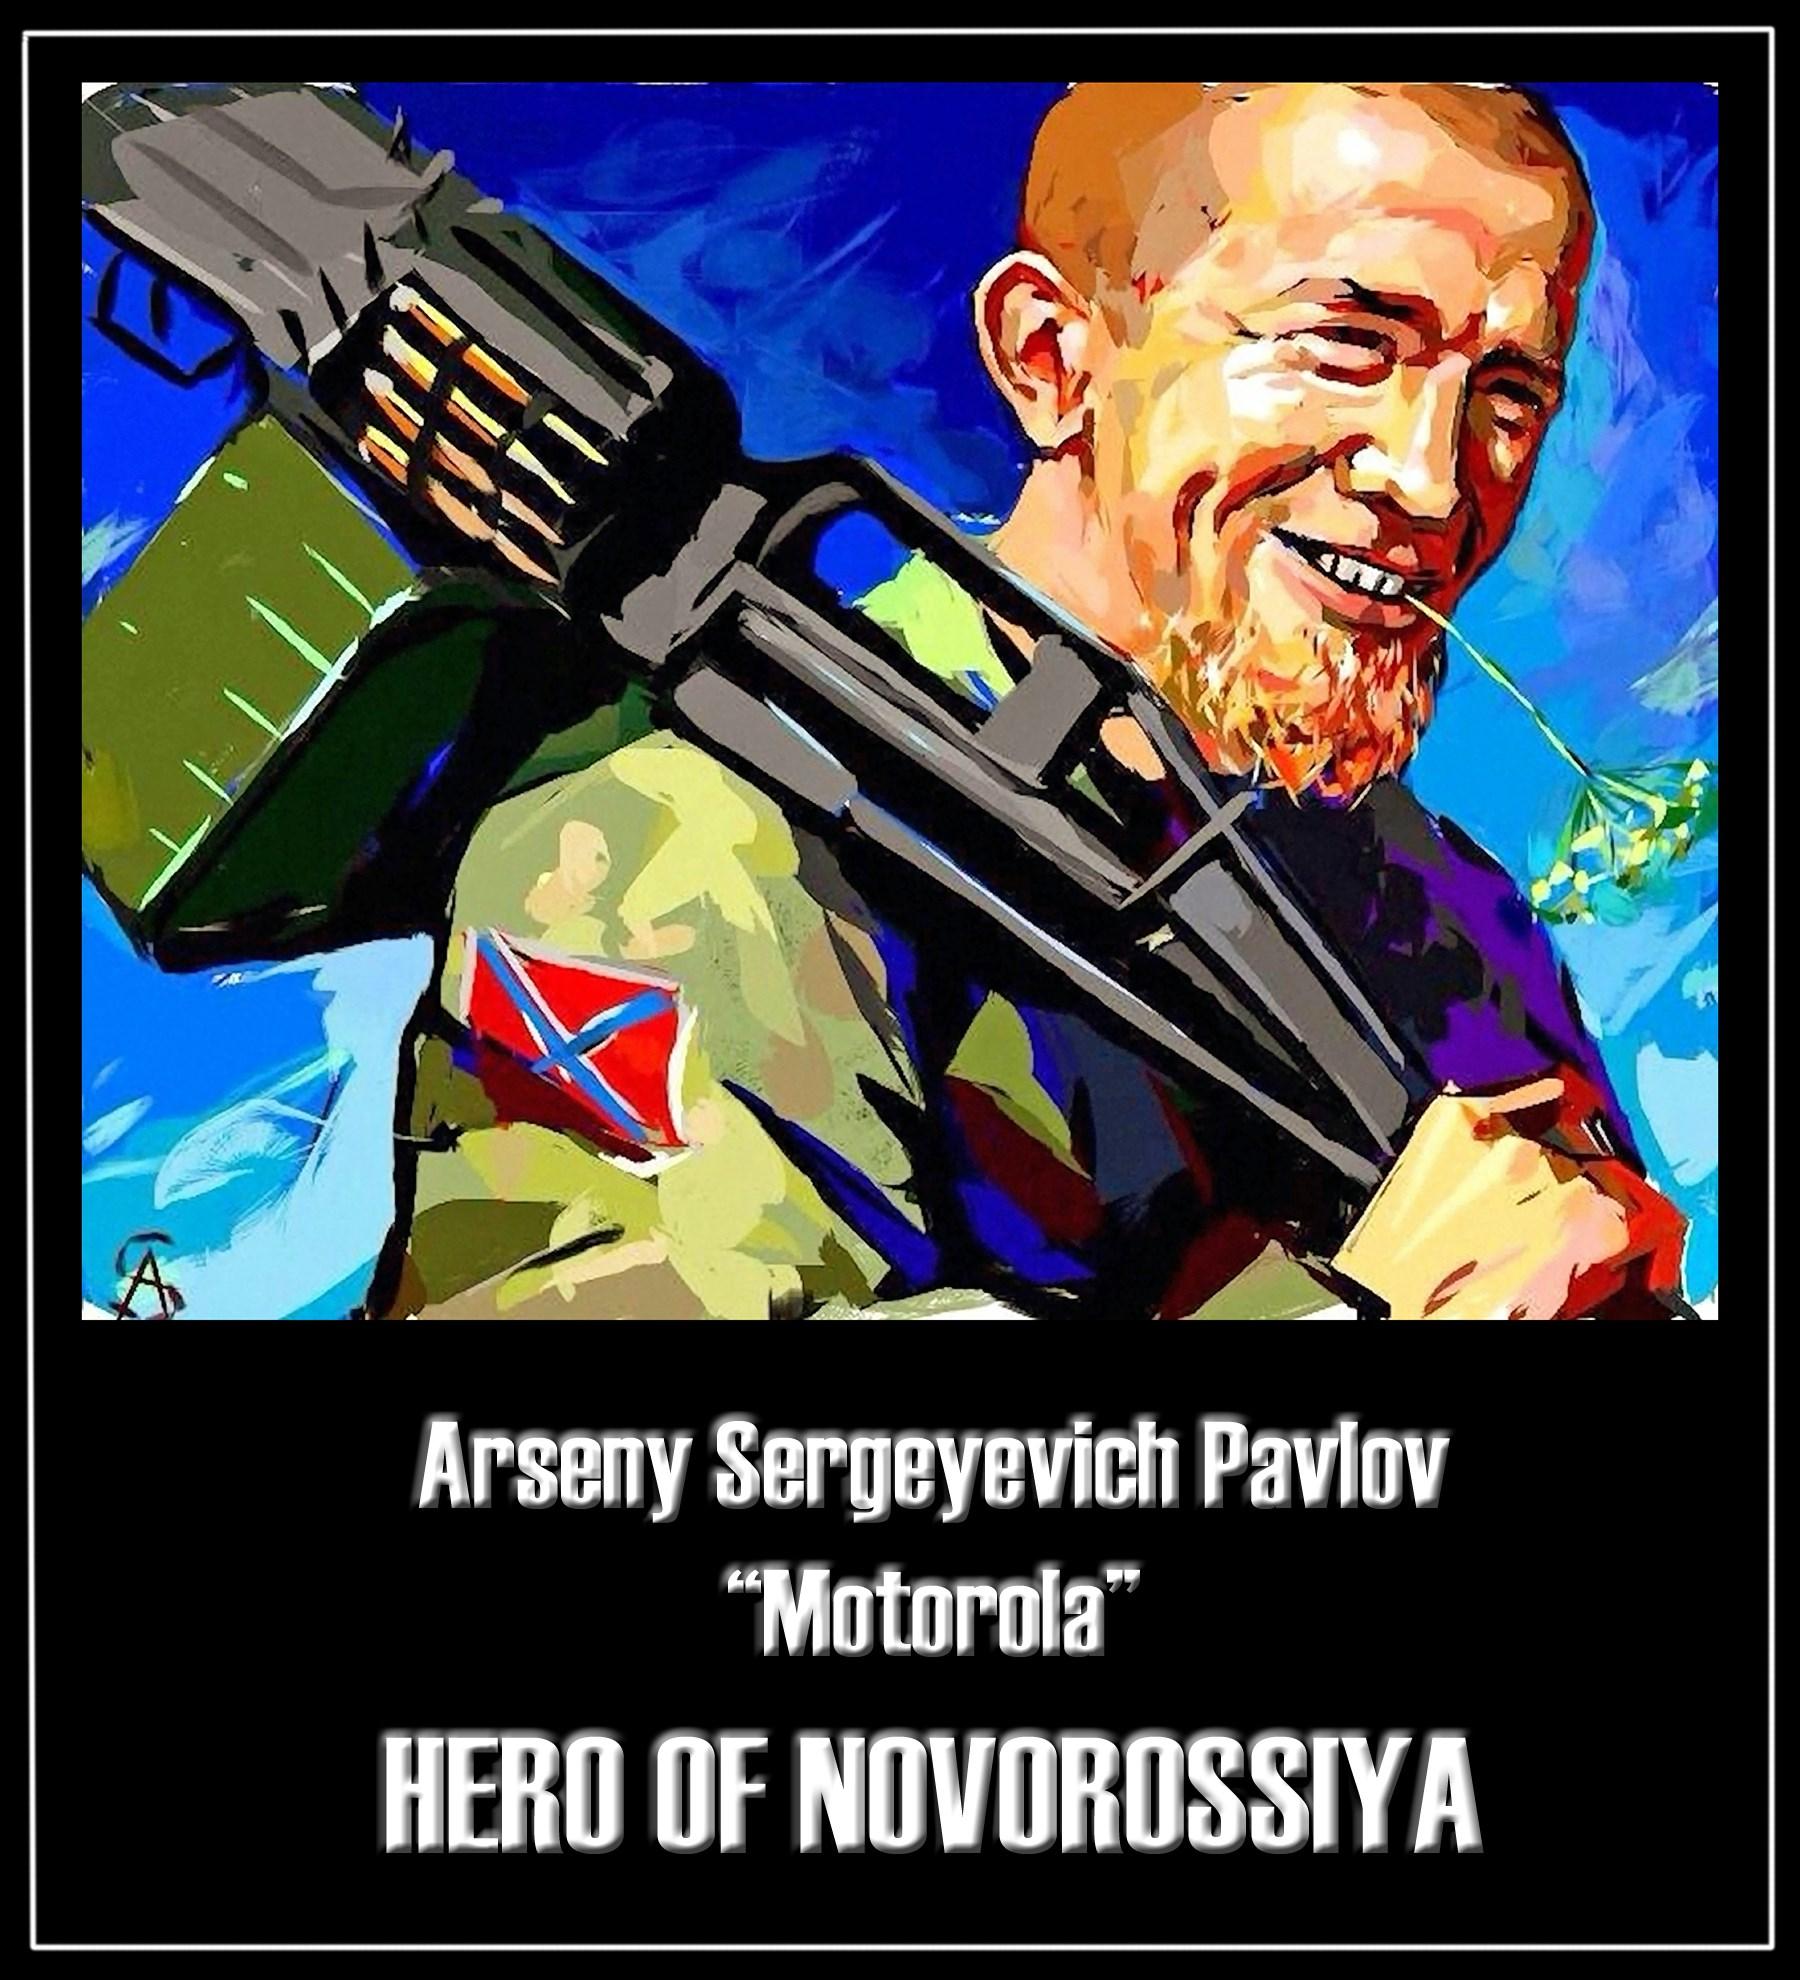 00 motorola. hero of novorossiya. 280615